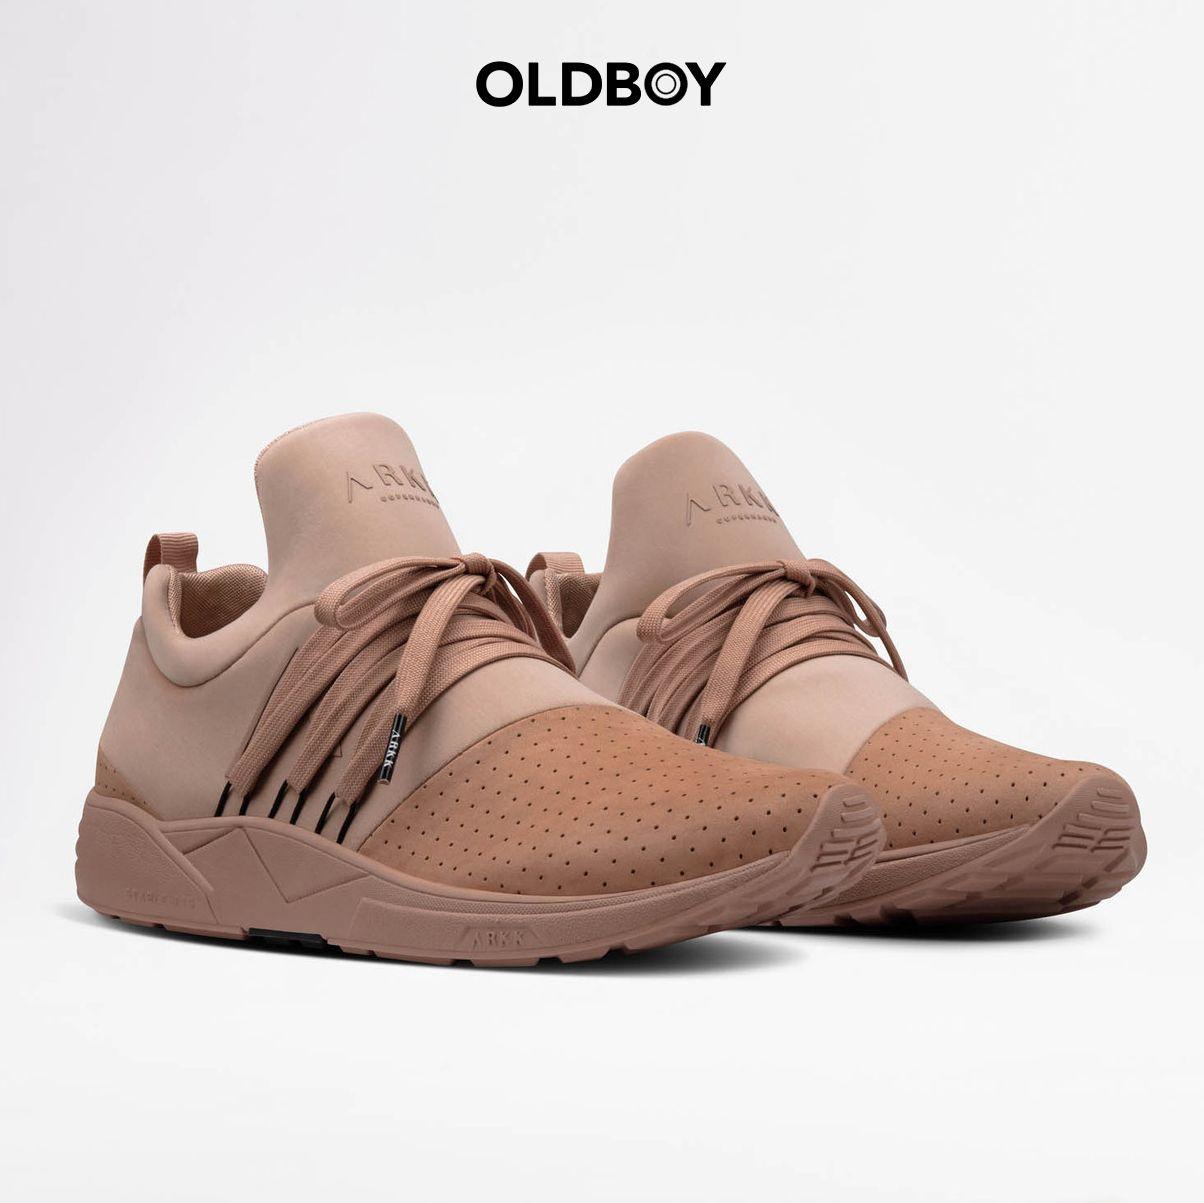 Corbeau-e15 Nubuck - Chaussures De Sport Pour Les Hommes / Beige Arkk Copenhague yEAEwq7TzE